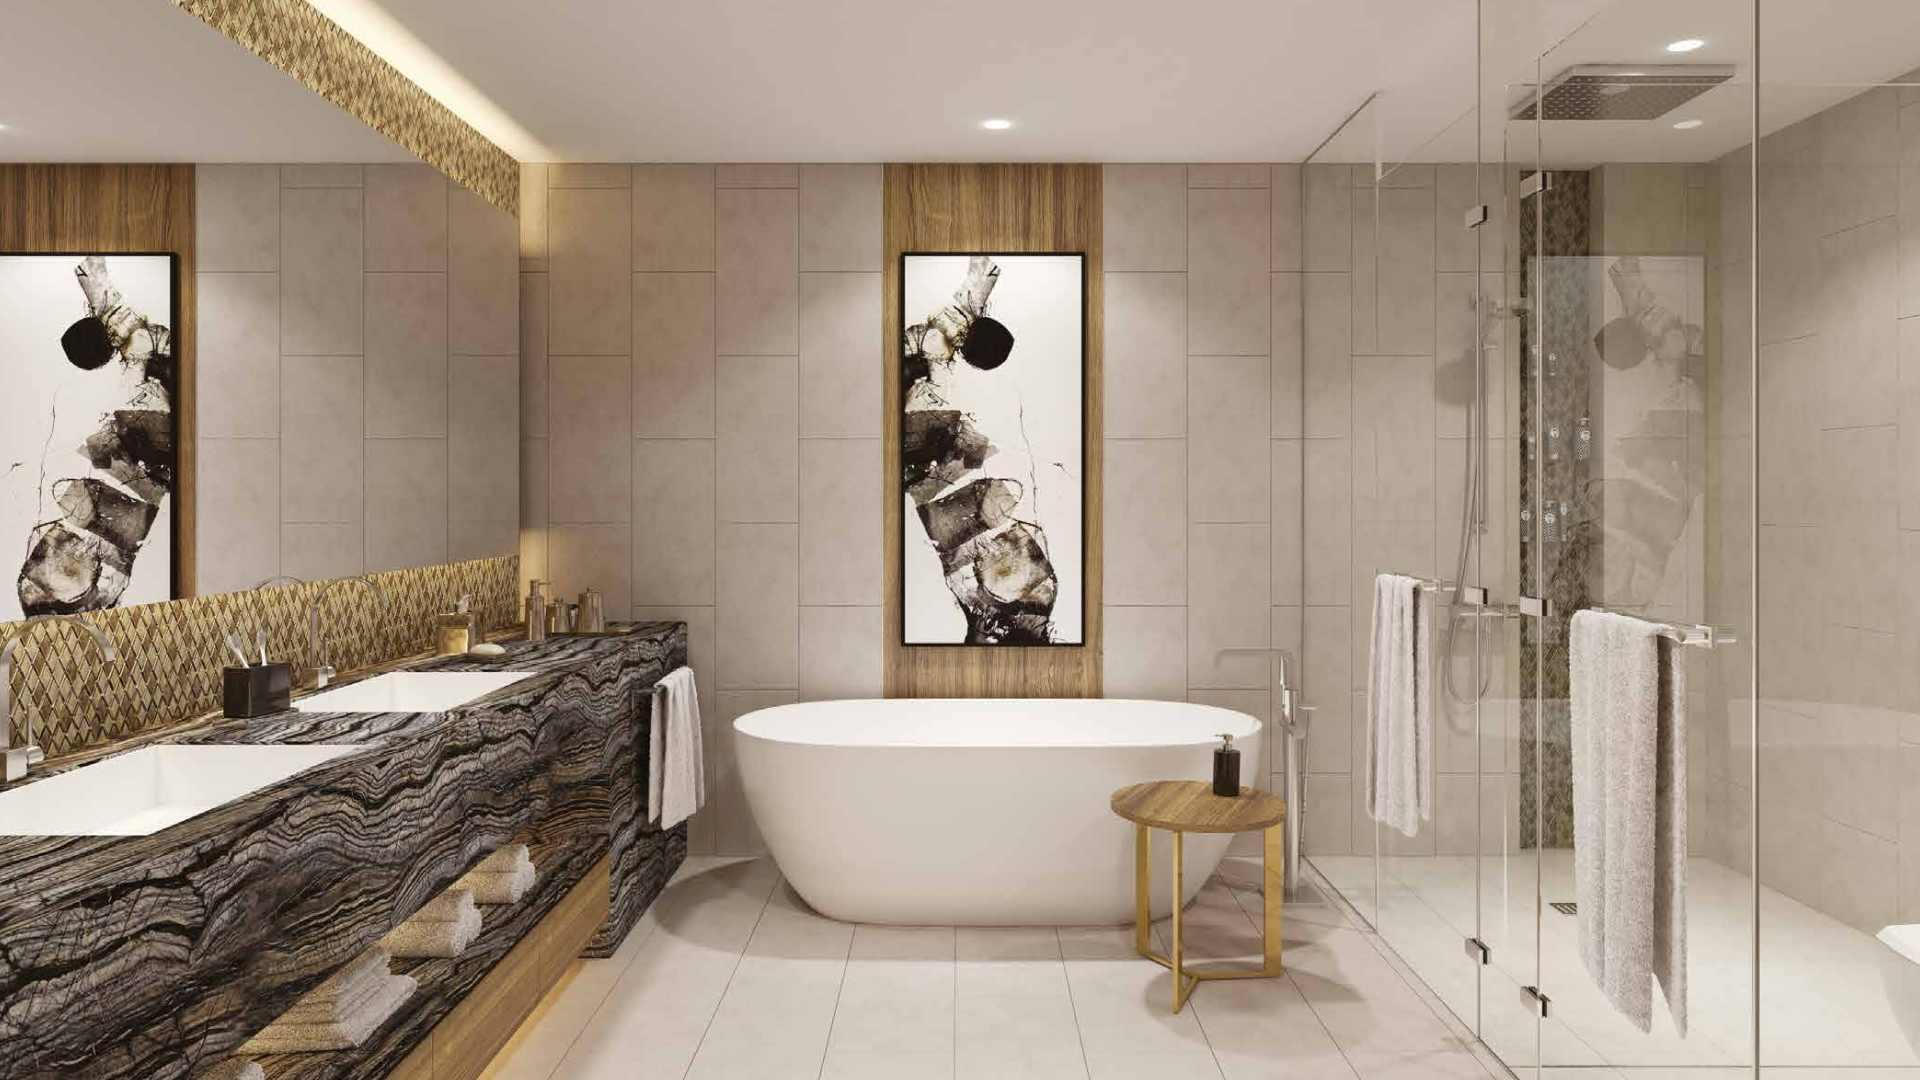 Apartamento en venta en Dubai, EAU, estudio, 57 m2, № 24239 – foto 2